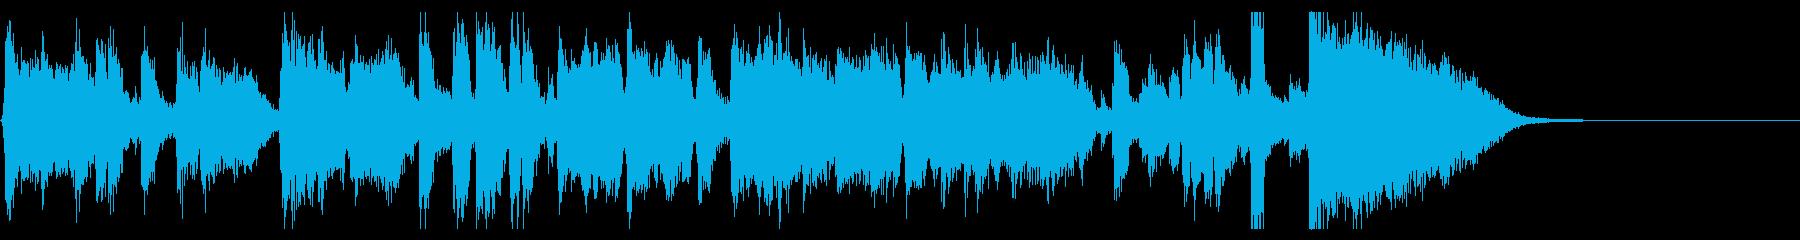 ジングル20秒・生演奏ジャズビッグバンドの再生済みの波形